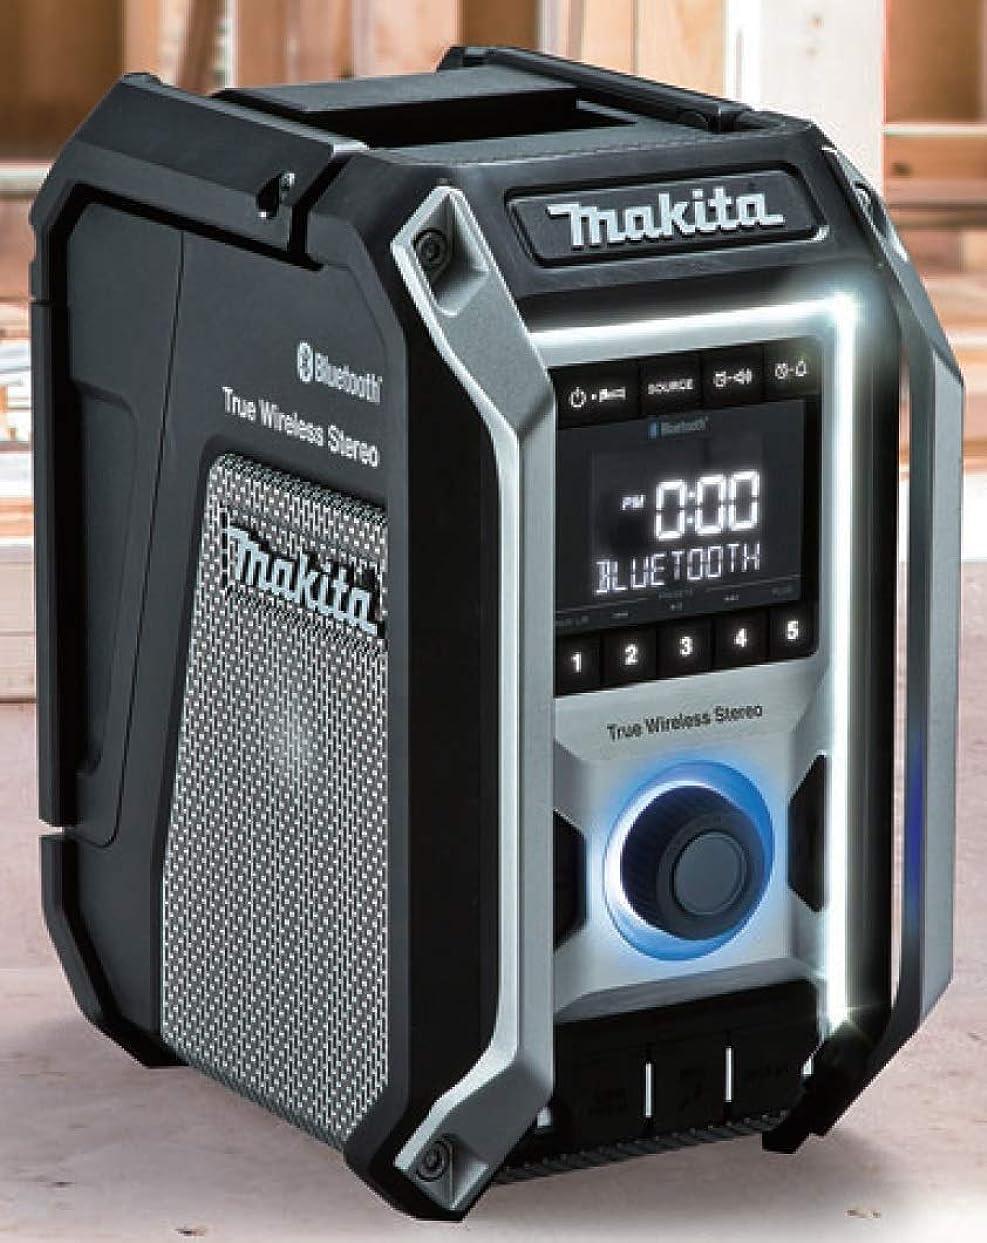 ルアー救いソーダ水マキタ(makita) 充電式ラジオ 本体のみ(バッテリー?充電器別売) MR113B 黒色 Bluetooth対応